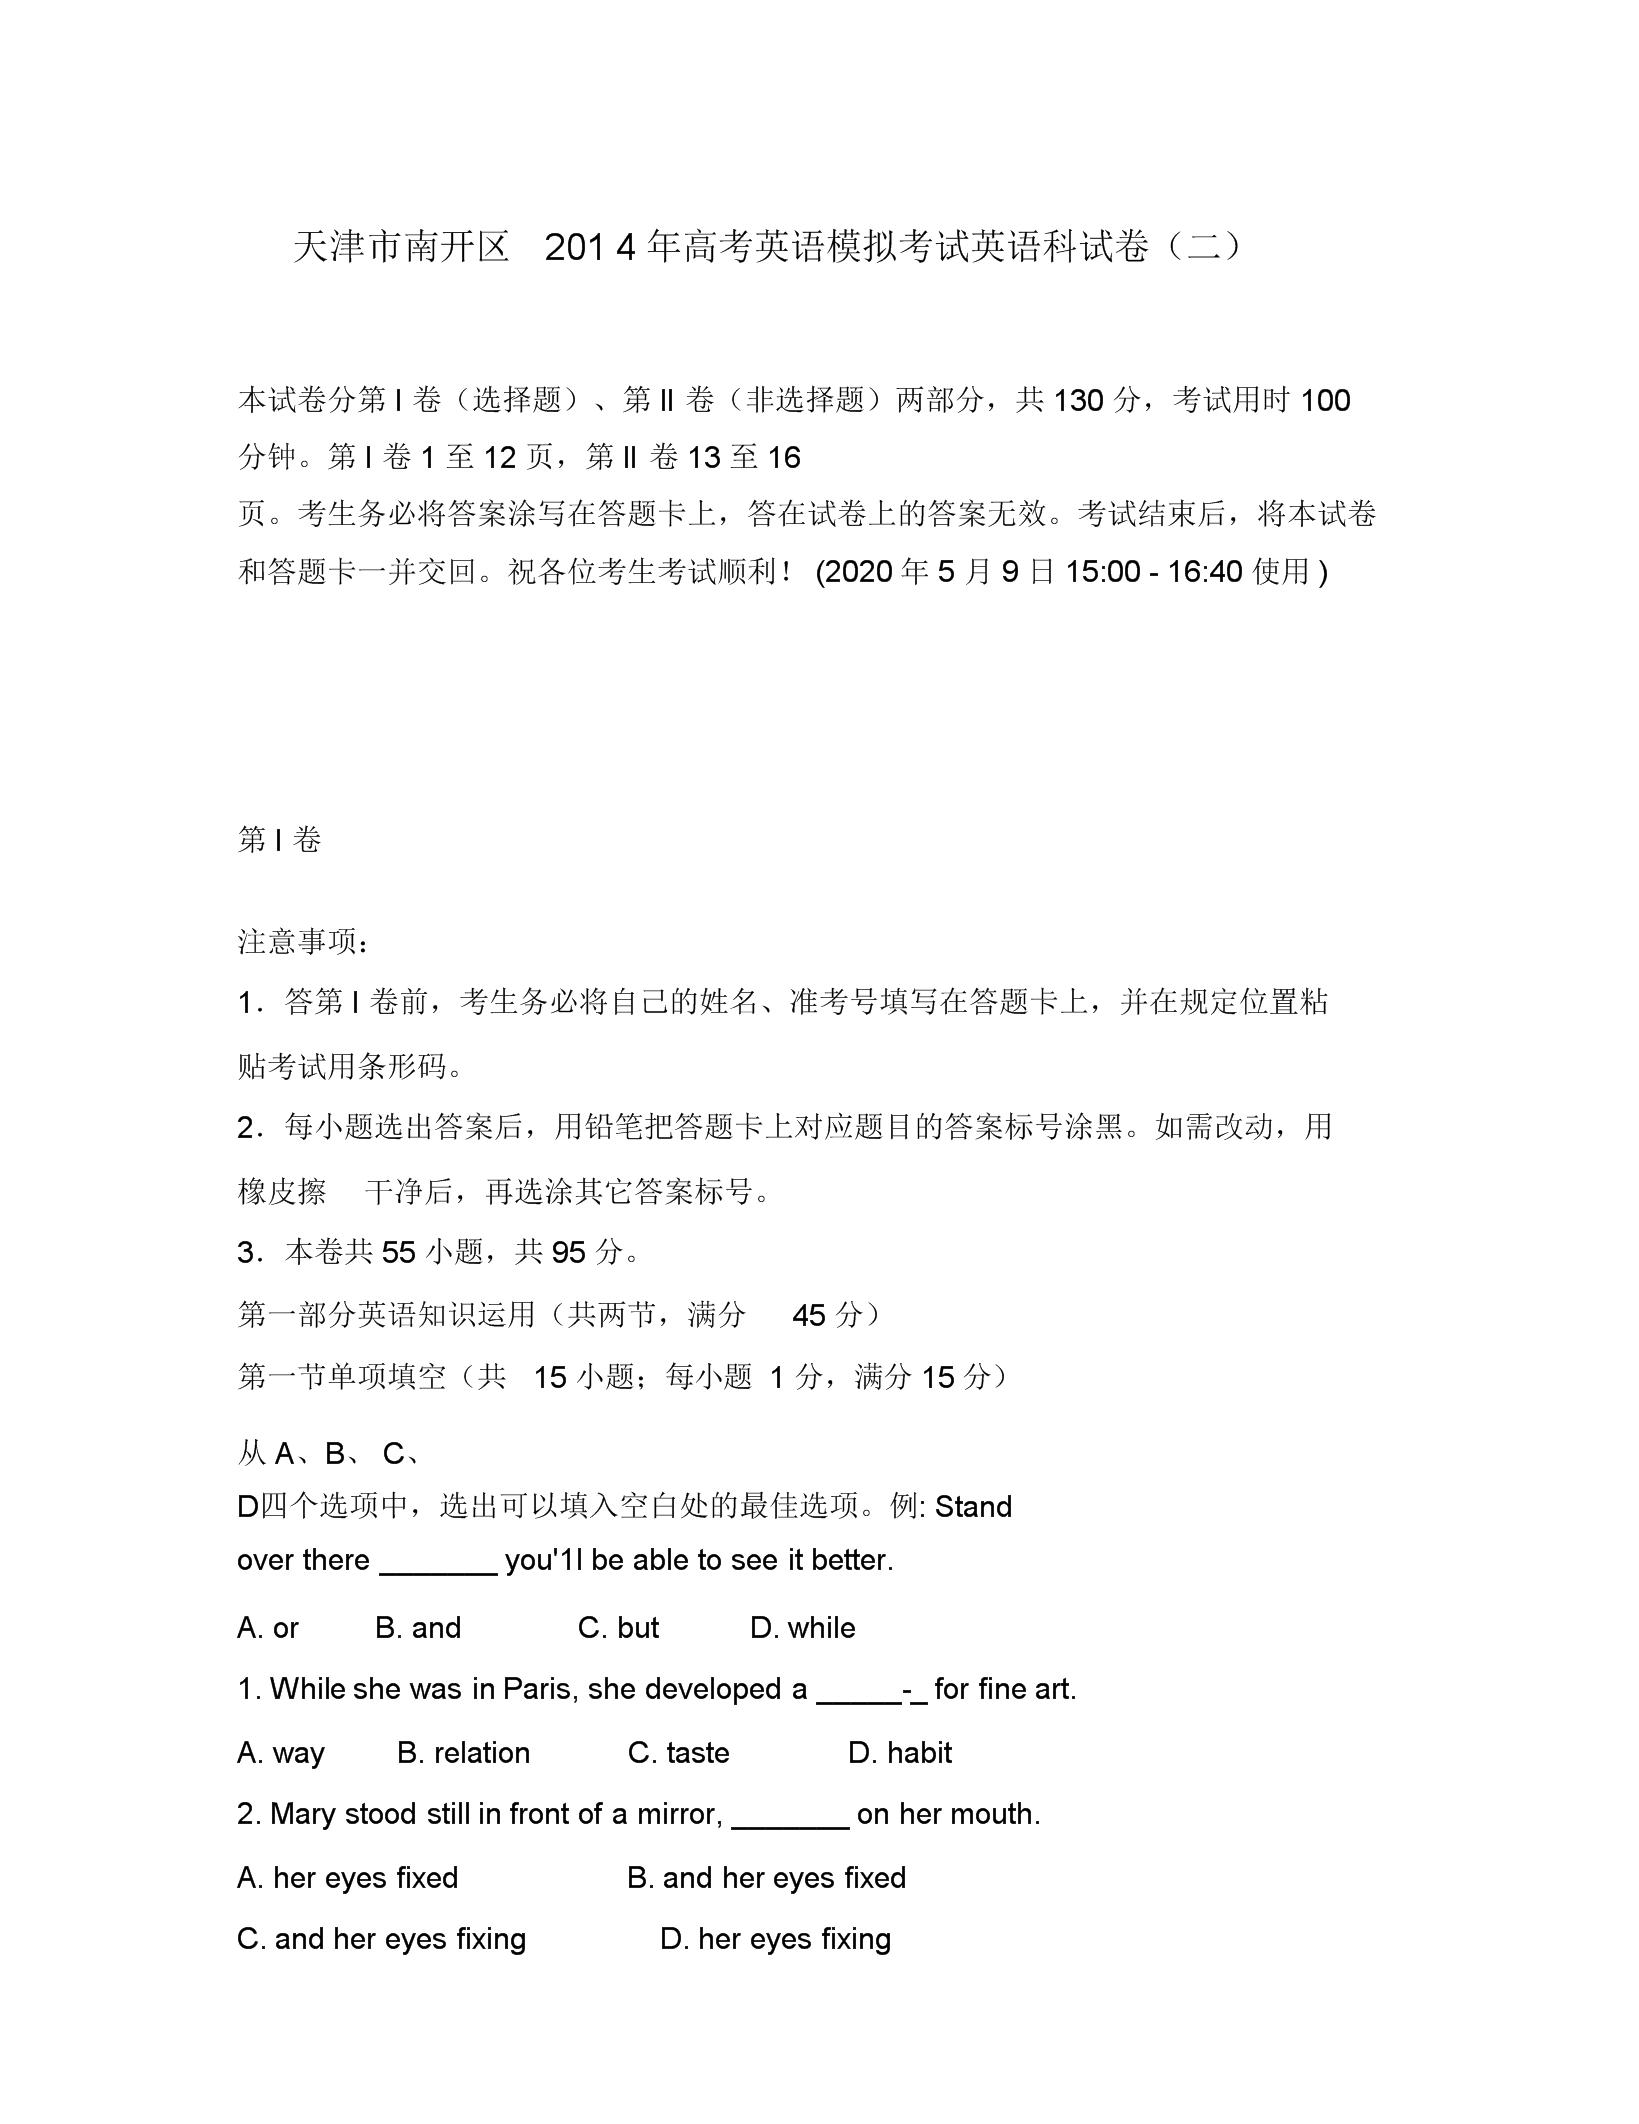 天津市南开区20xx届高三英语二模试卷(无答案).doc